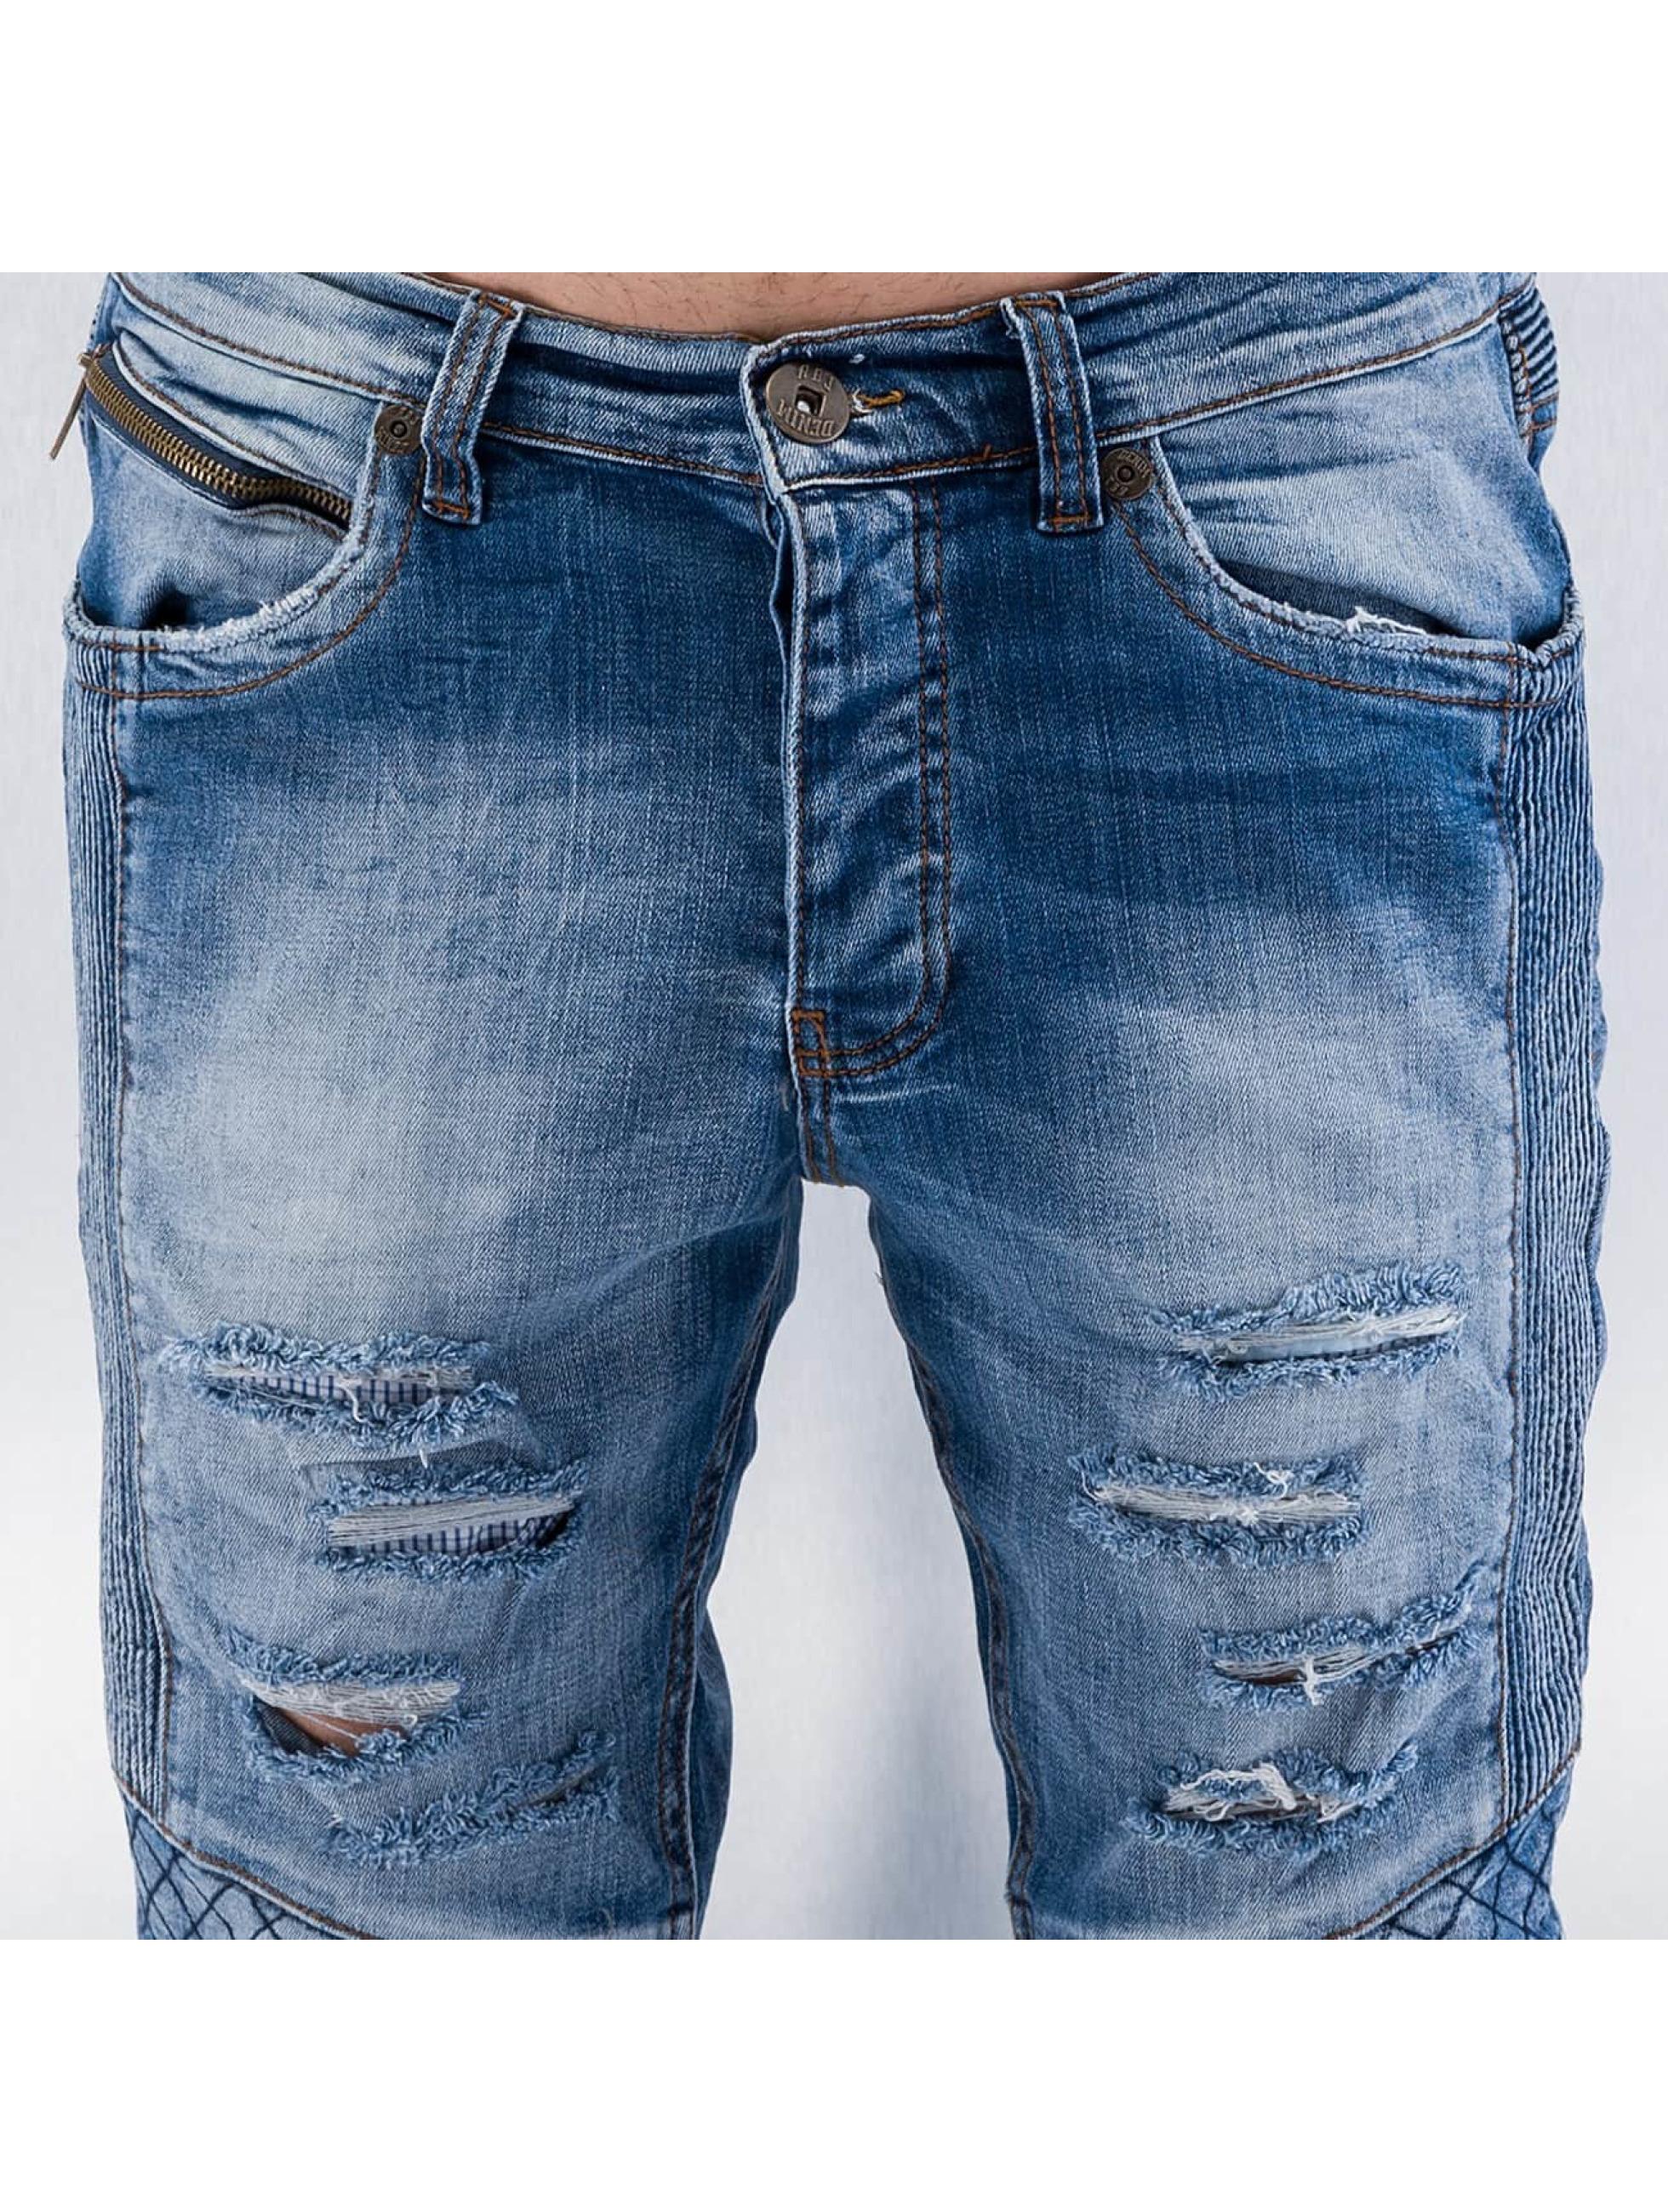 Red Bridge Straight Fit Jeans Quit blau